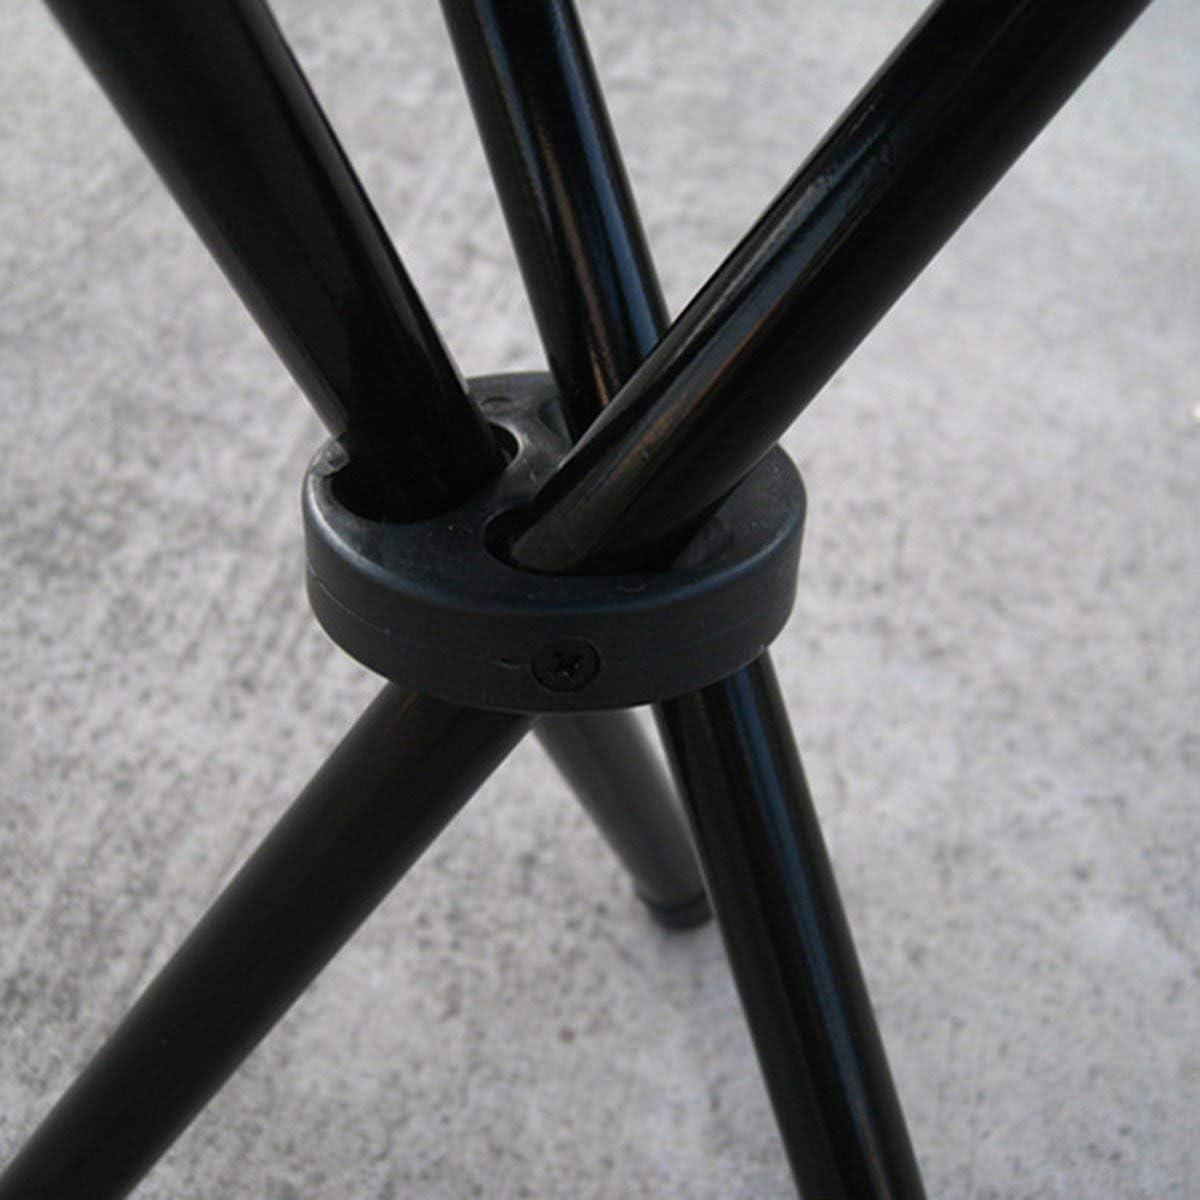 At6733 Polyester /& Iron Camping Randonn/ée Pique-Nique Plage de p/êche Chaise de Jardin Pliante pour activit/és de Plein air Fgdjfh Chaise de p/êche Rouge